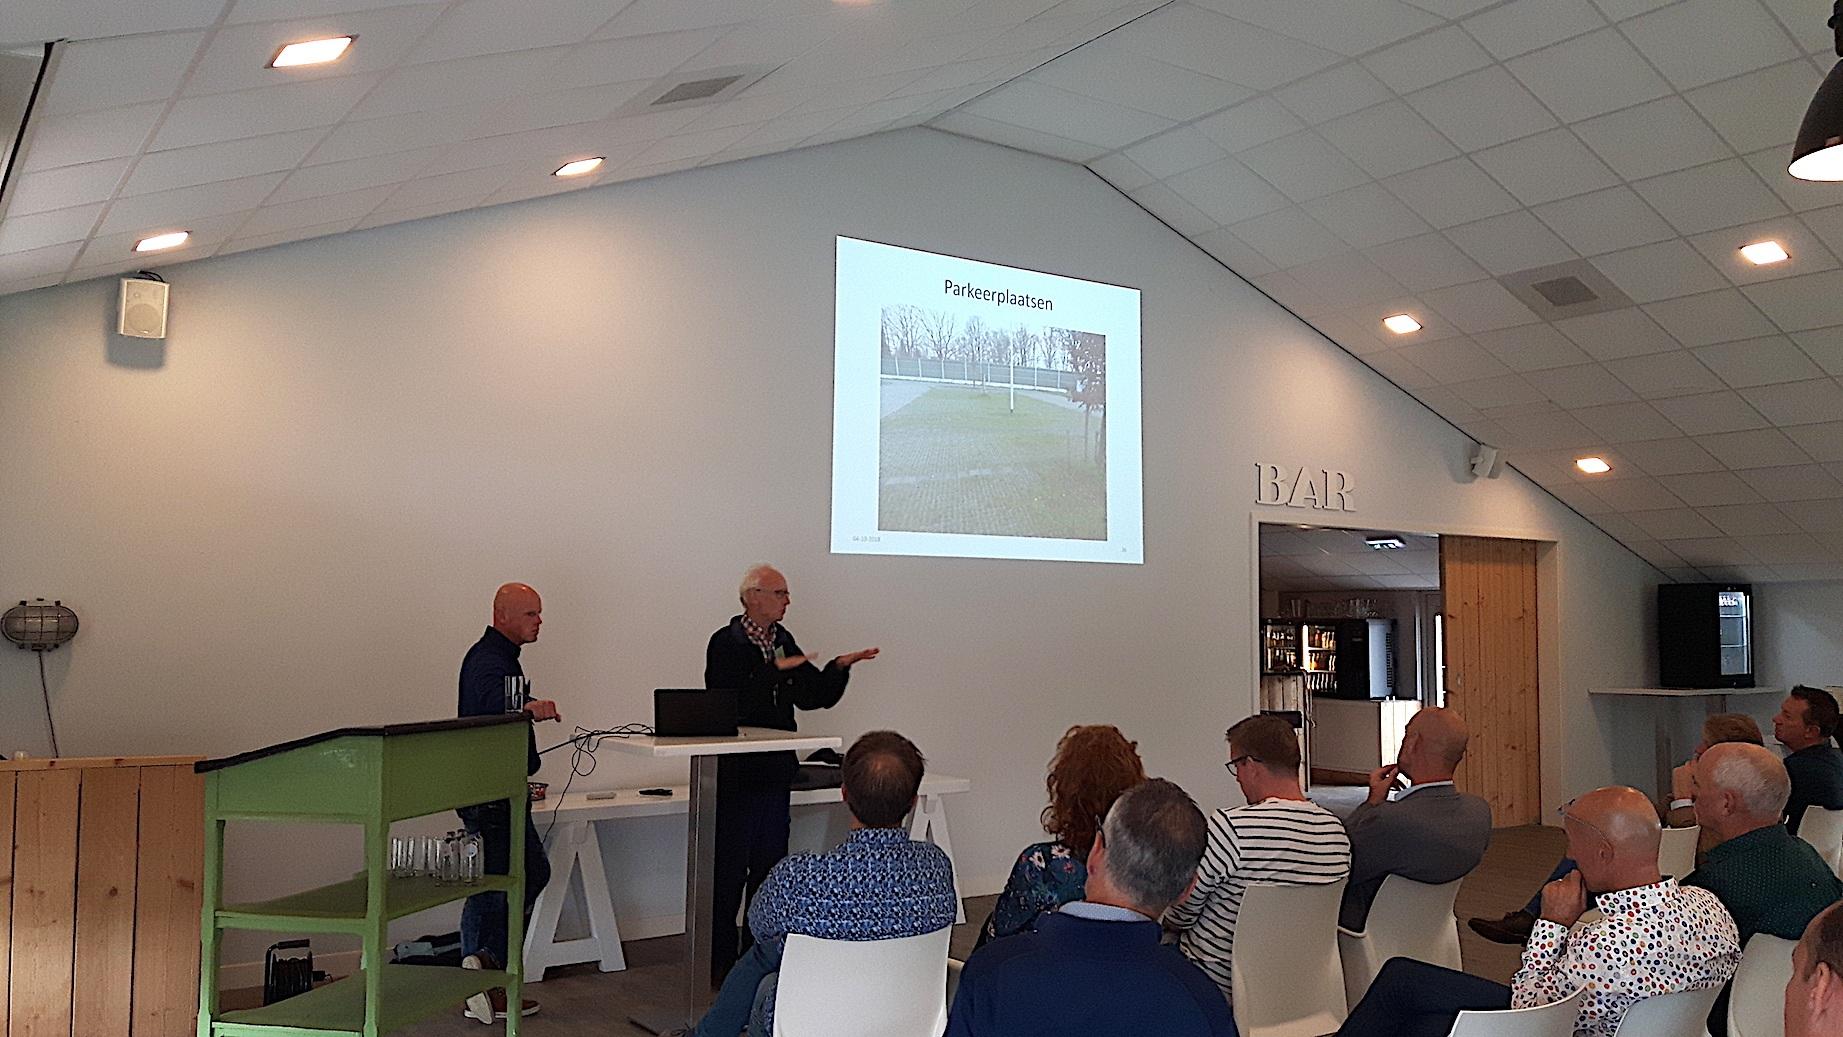 Presentatie BAS klantendag Mark Graafland en Geert van Poelgeest, KNNV.jpg